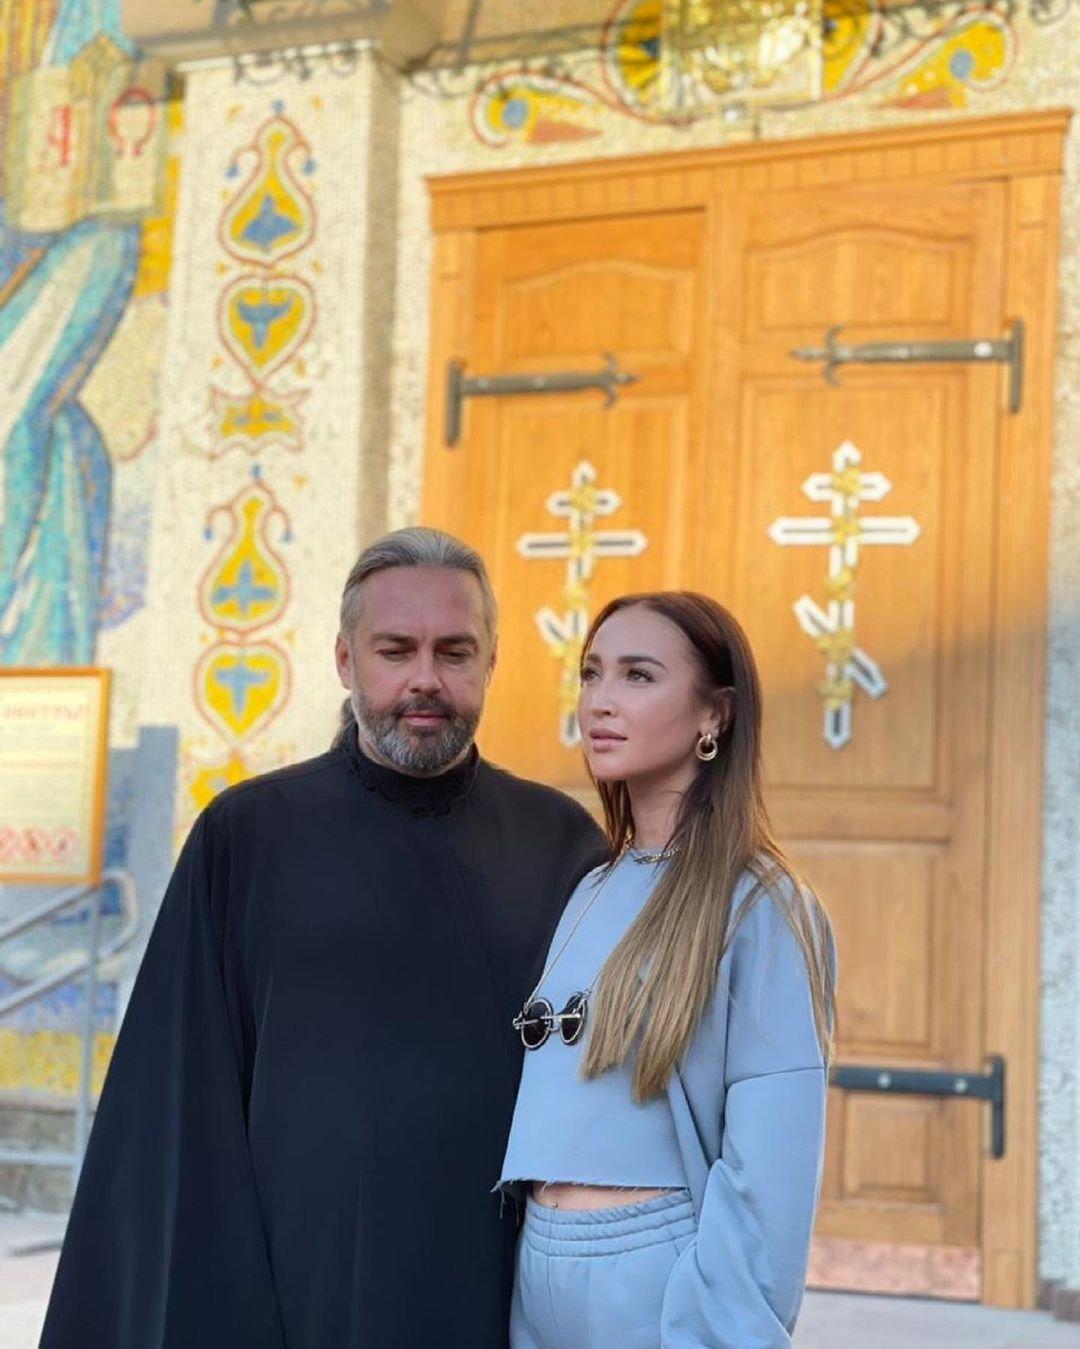 Ольгу Бузову раскритиковали за внешний вид в церкви